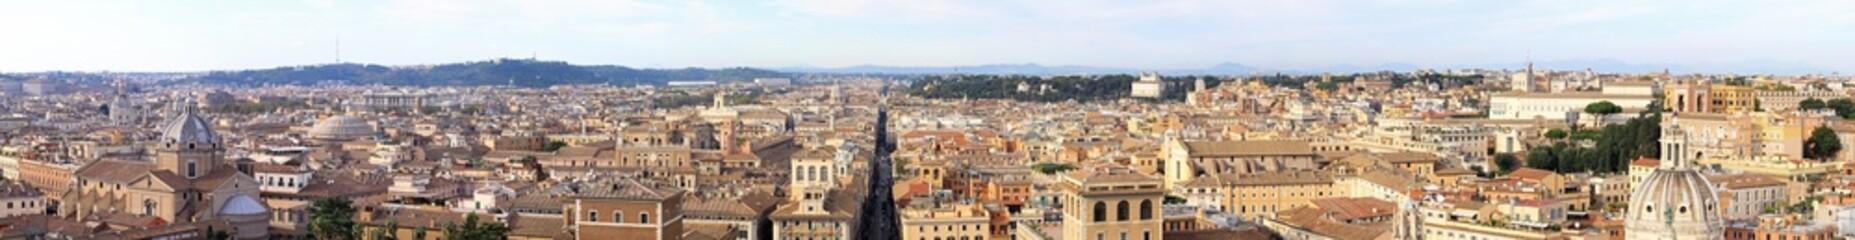 rome panoramic